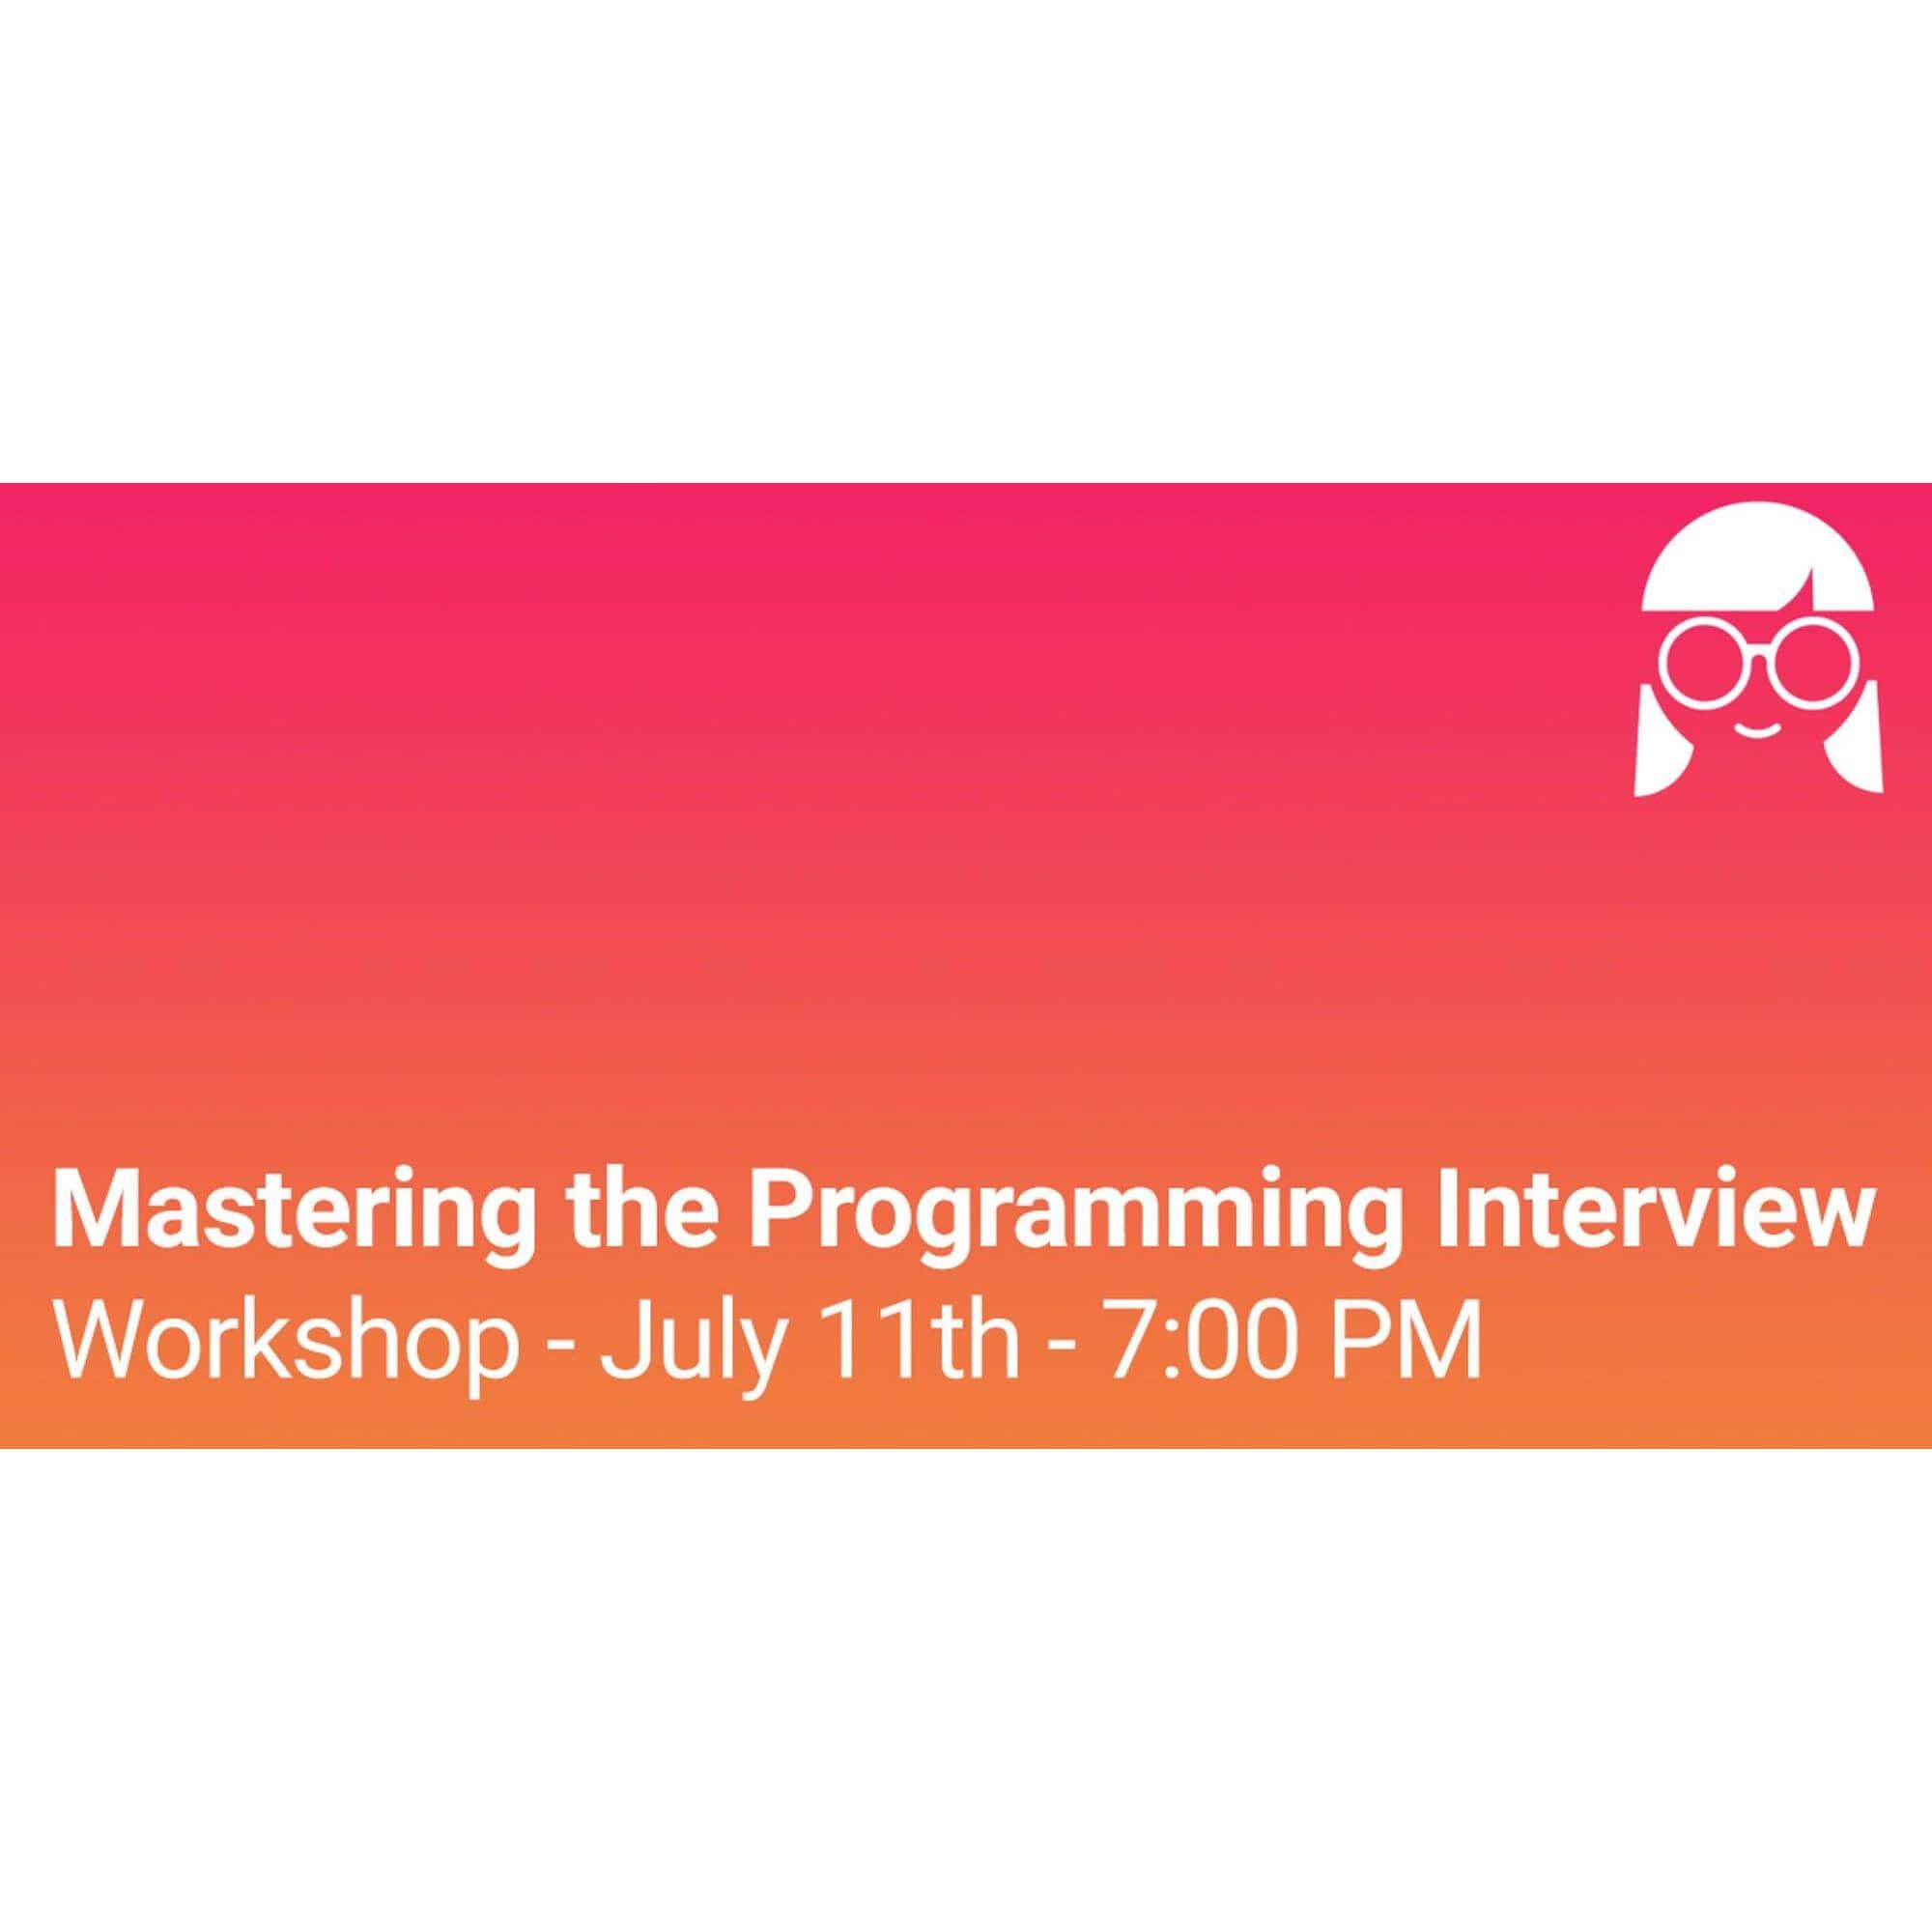 Mastering the Programming Interview #4 Zurich